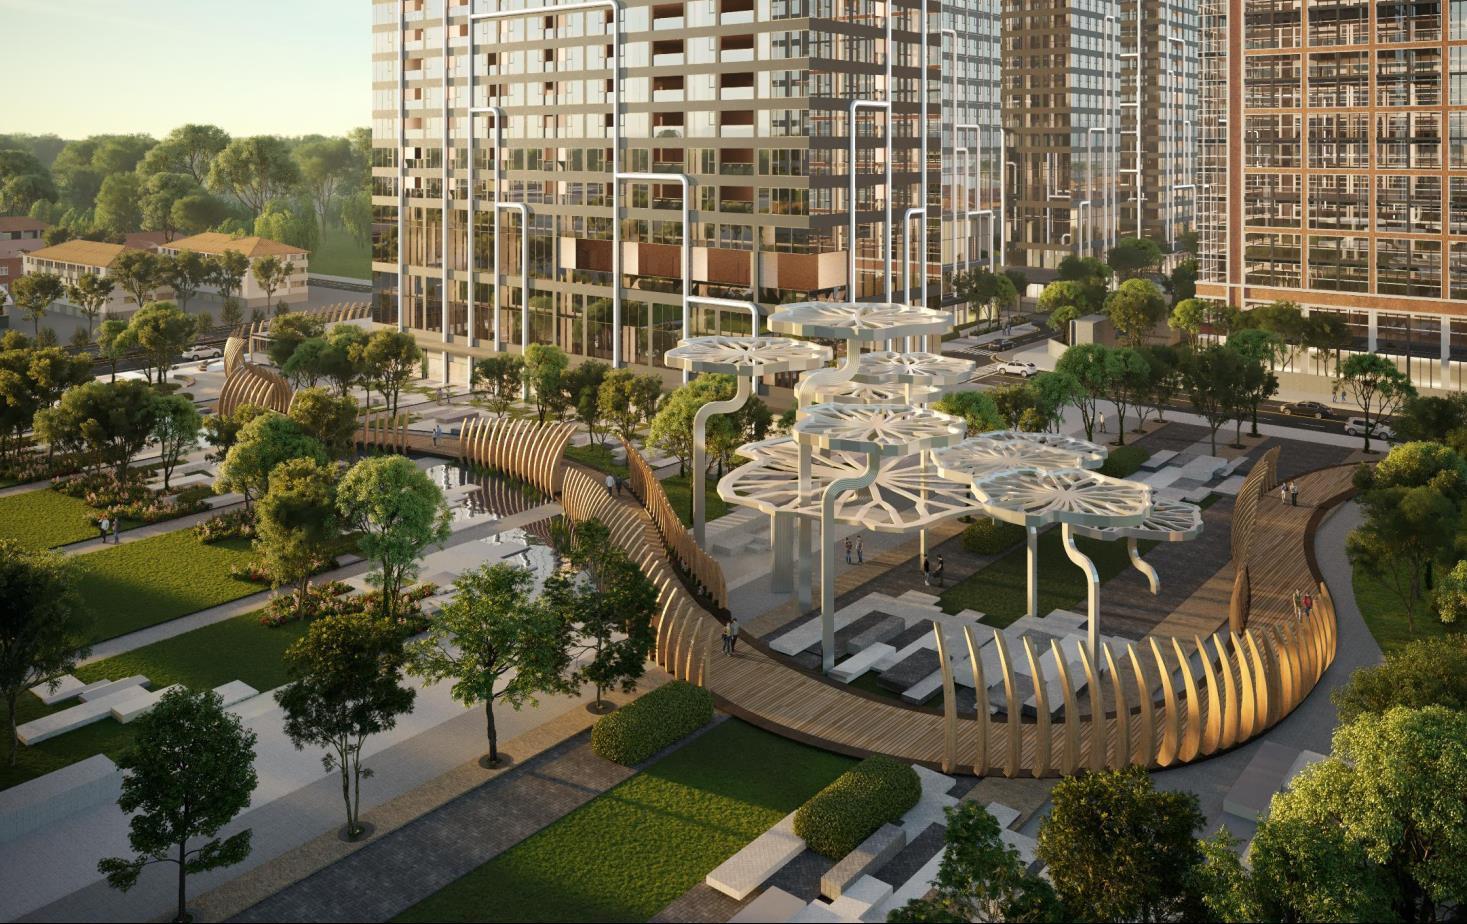 Cầu đi bộ nội khu dự án Grand Marina Saigon